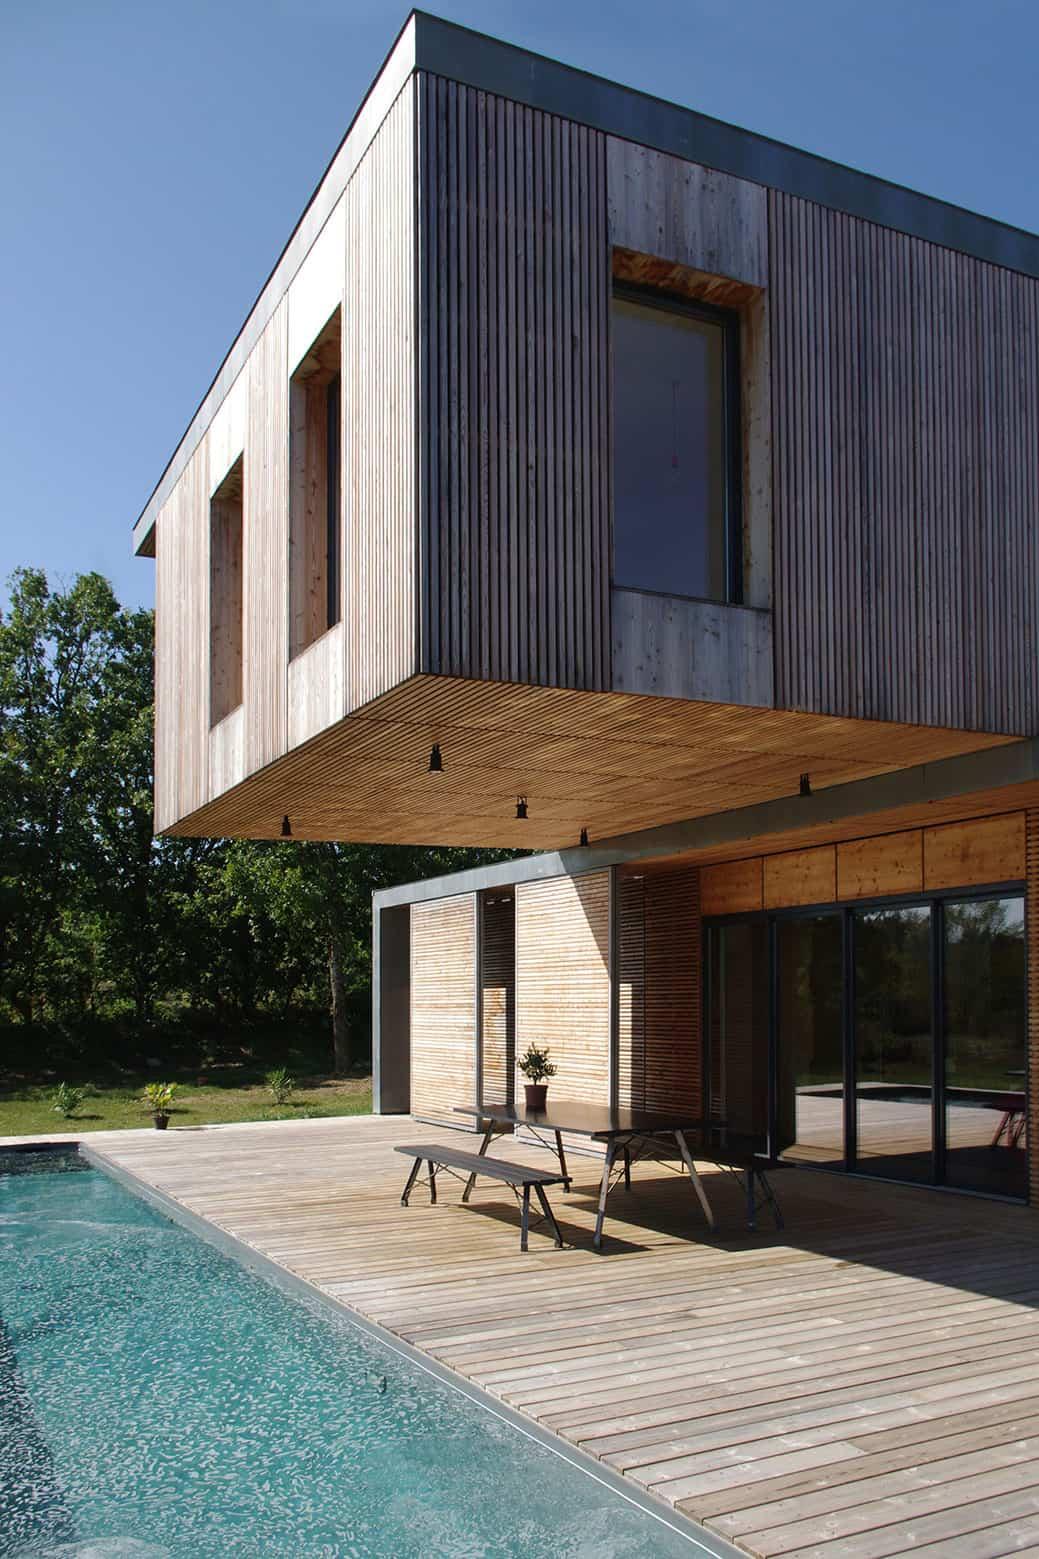 Maison l'Estelle by François Primault architecte (5)